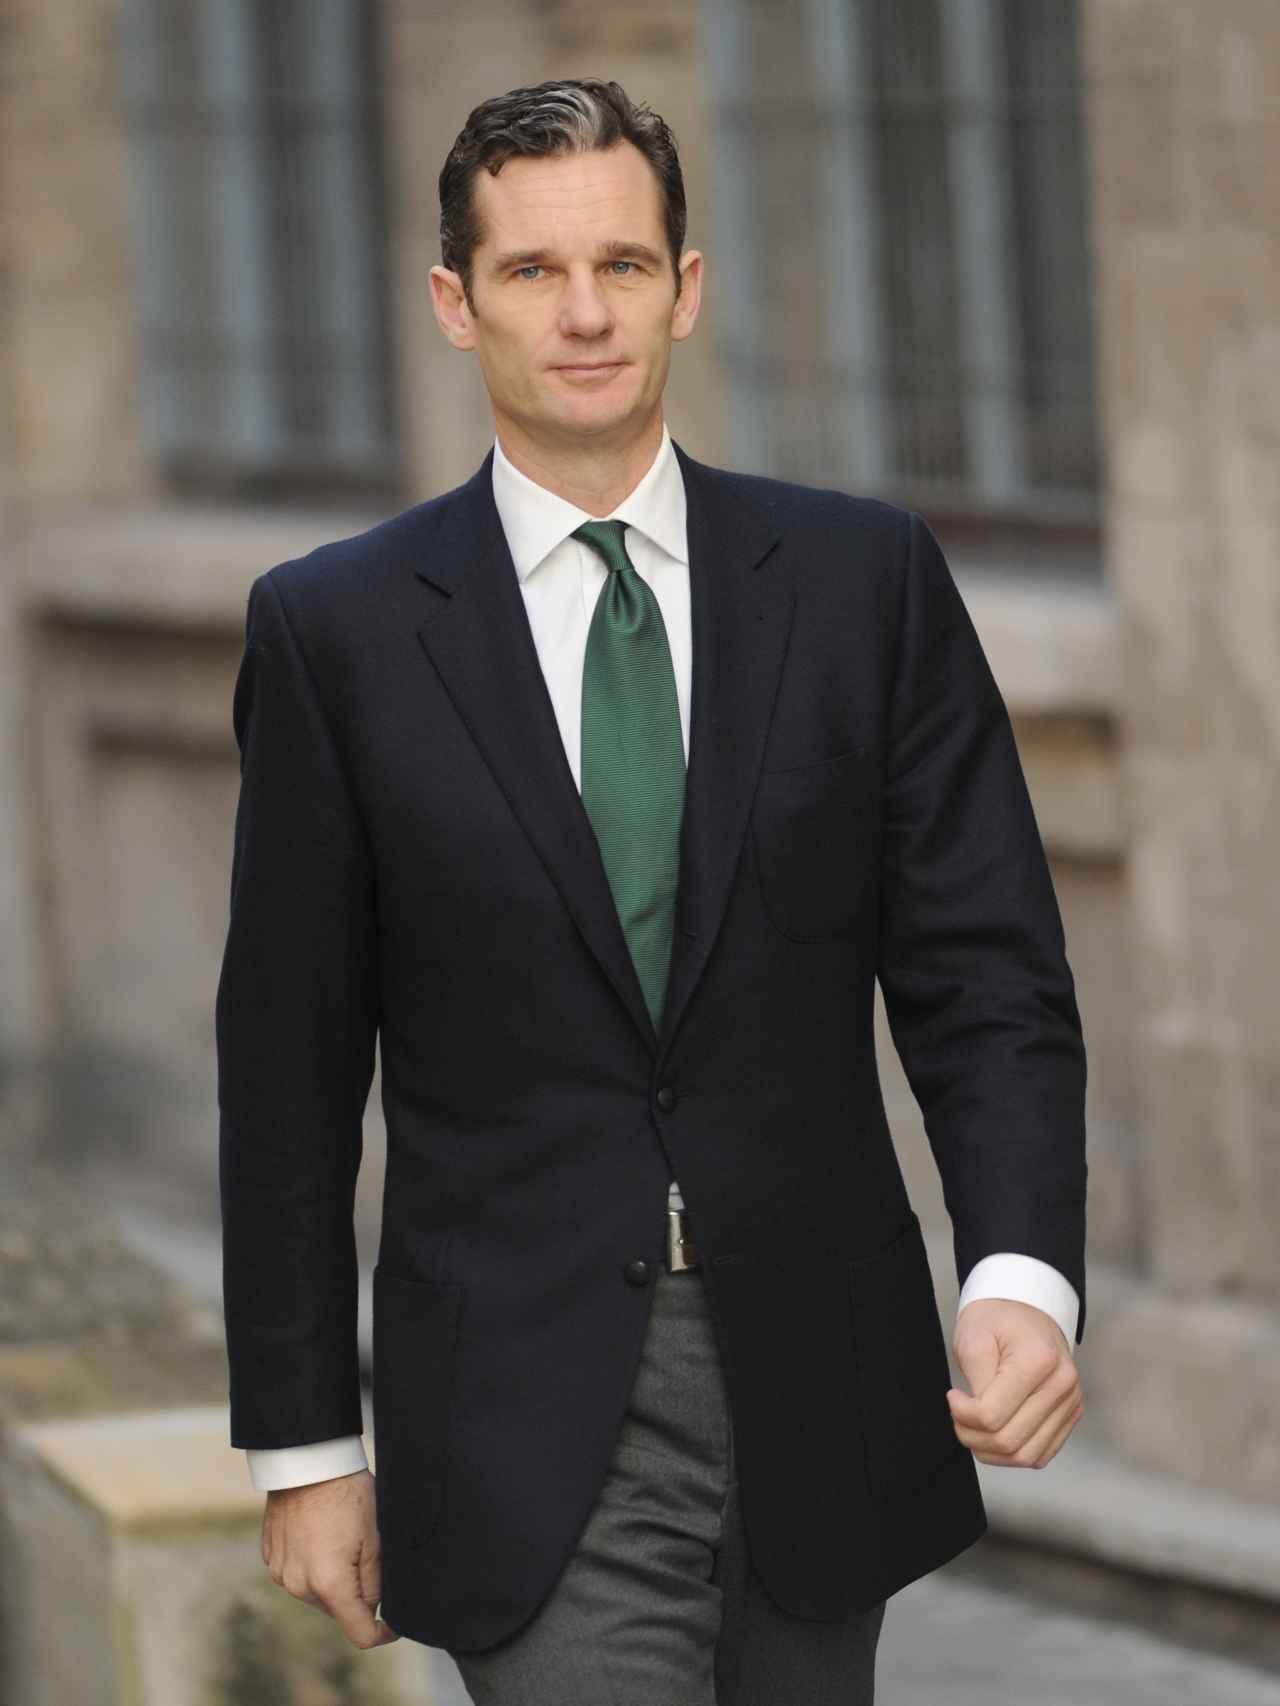 Iñaki Urdangarín en los juzgados de Palma de Mallorca  el 26 de febrero de 2012.